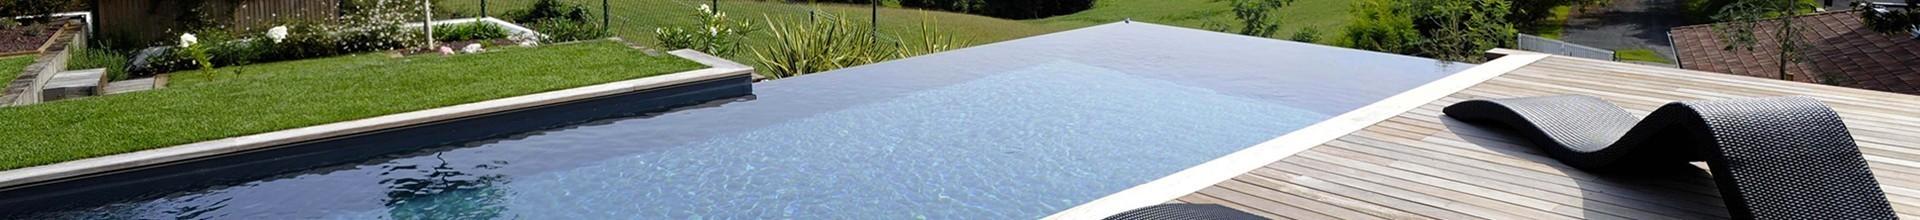 Direct usine, piscine coque prix Gand